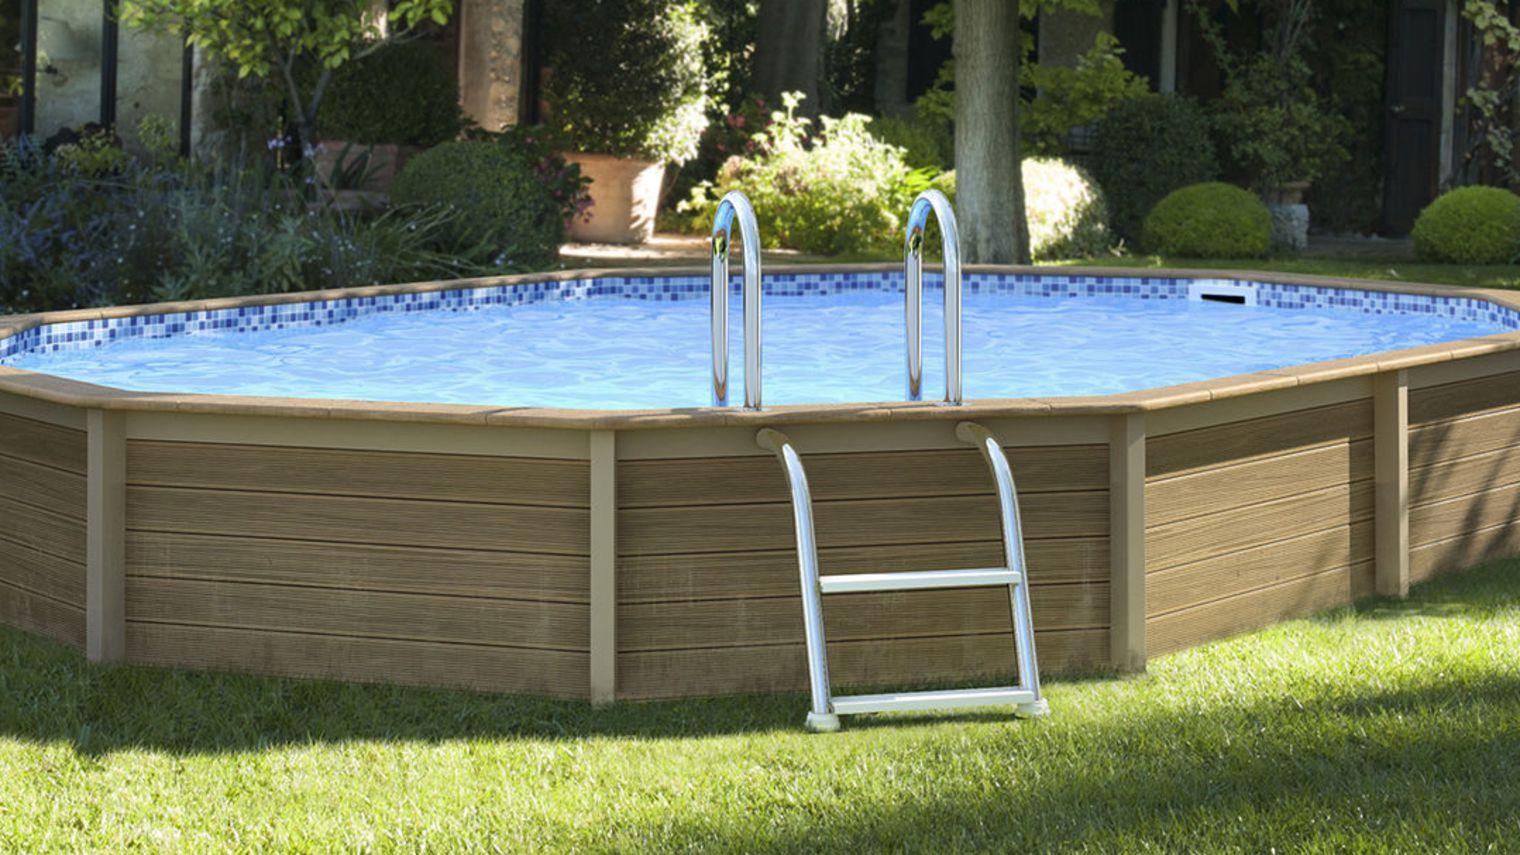 Bache piscine octogonale castorama - Piscine tubulaire castorama ...